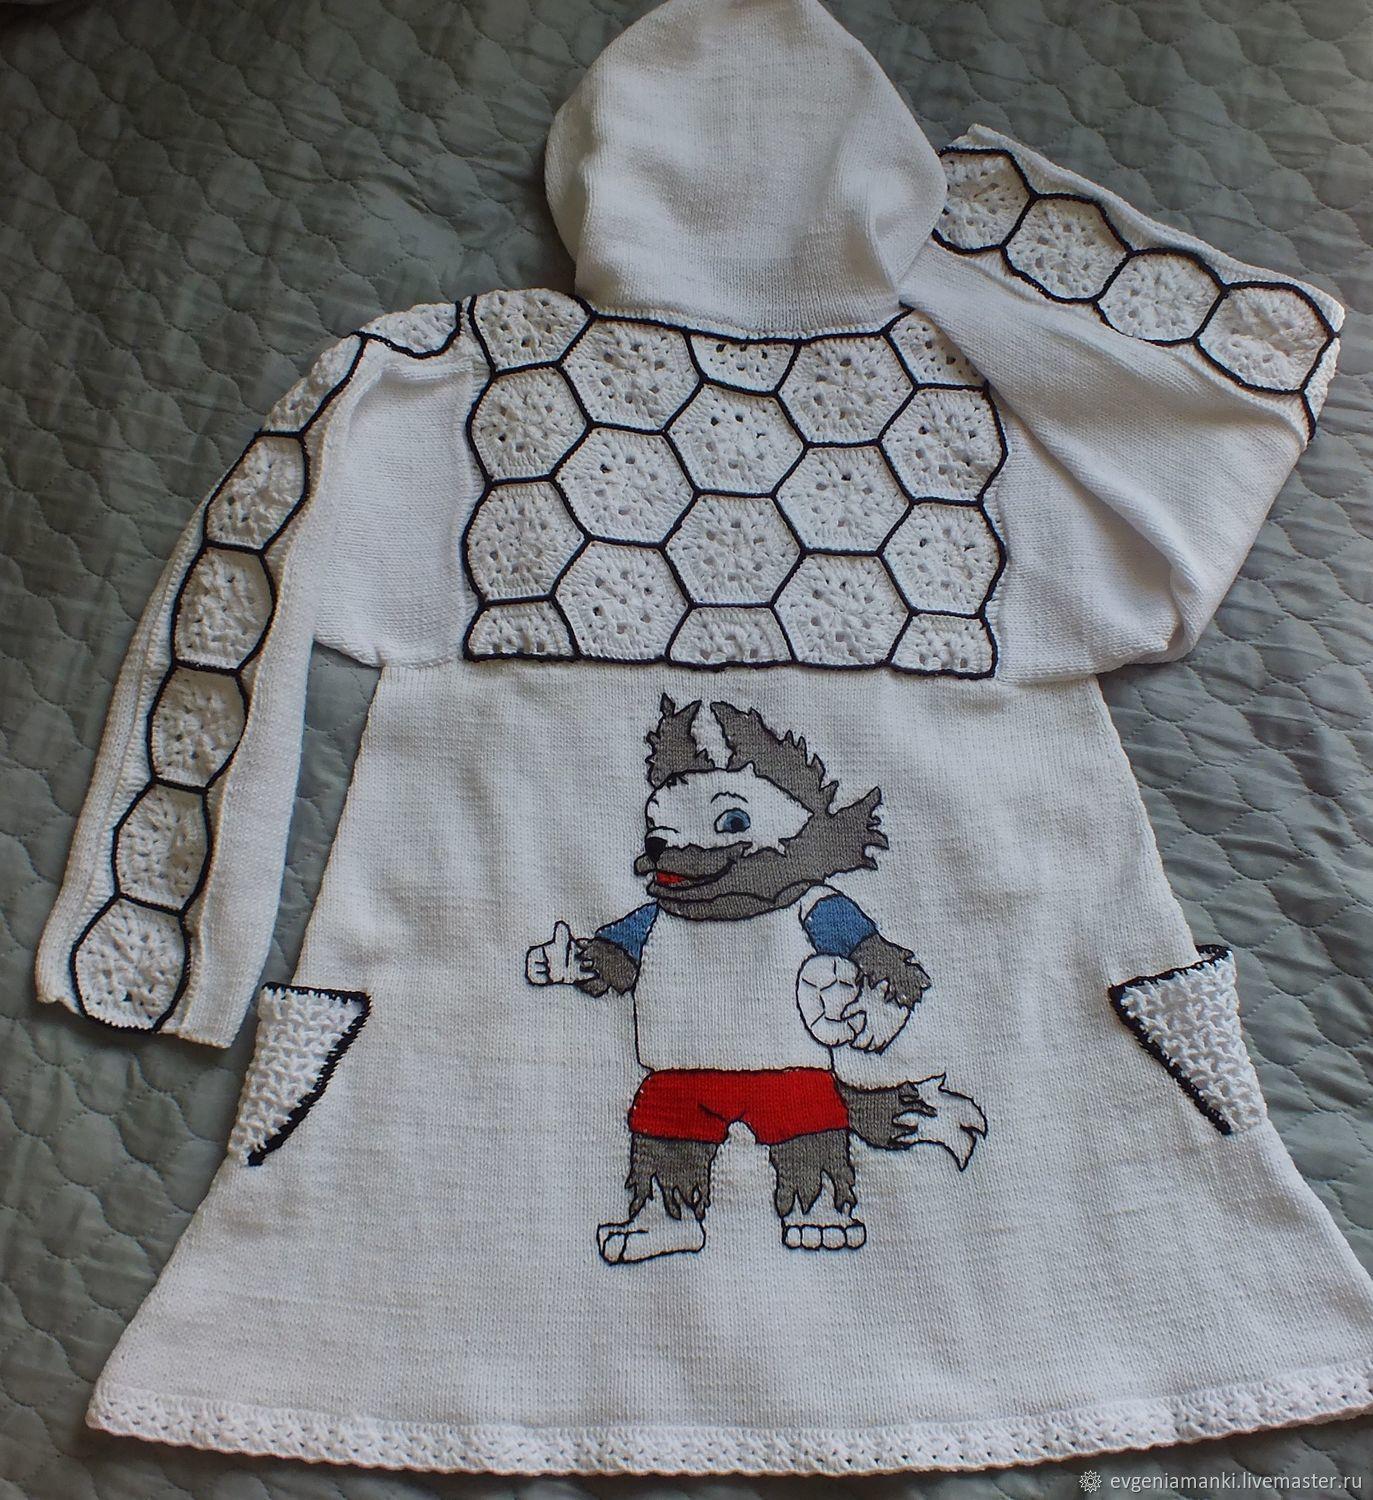 7cbd067cbe6 Летнее пальто Футбол детское вязаное для девочки – купить в интернет ...